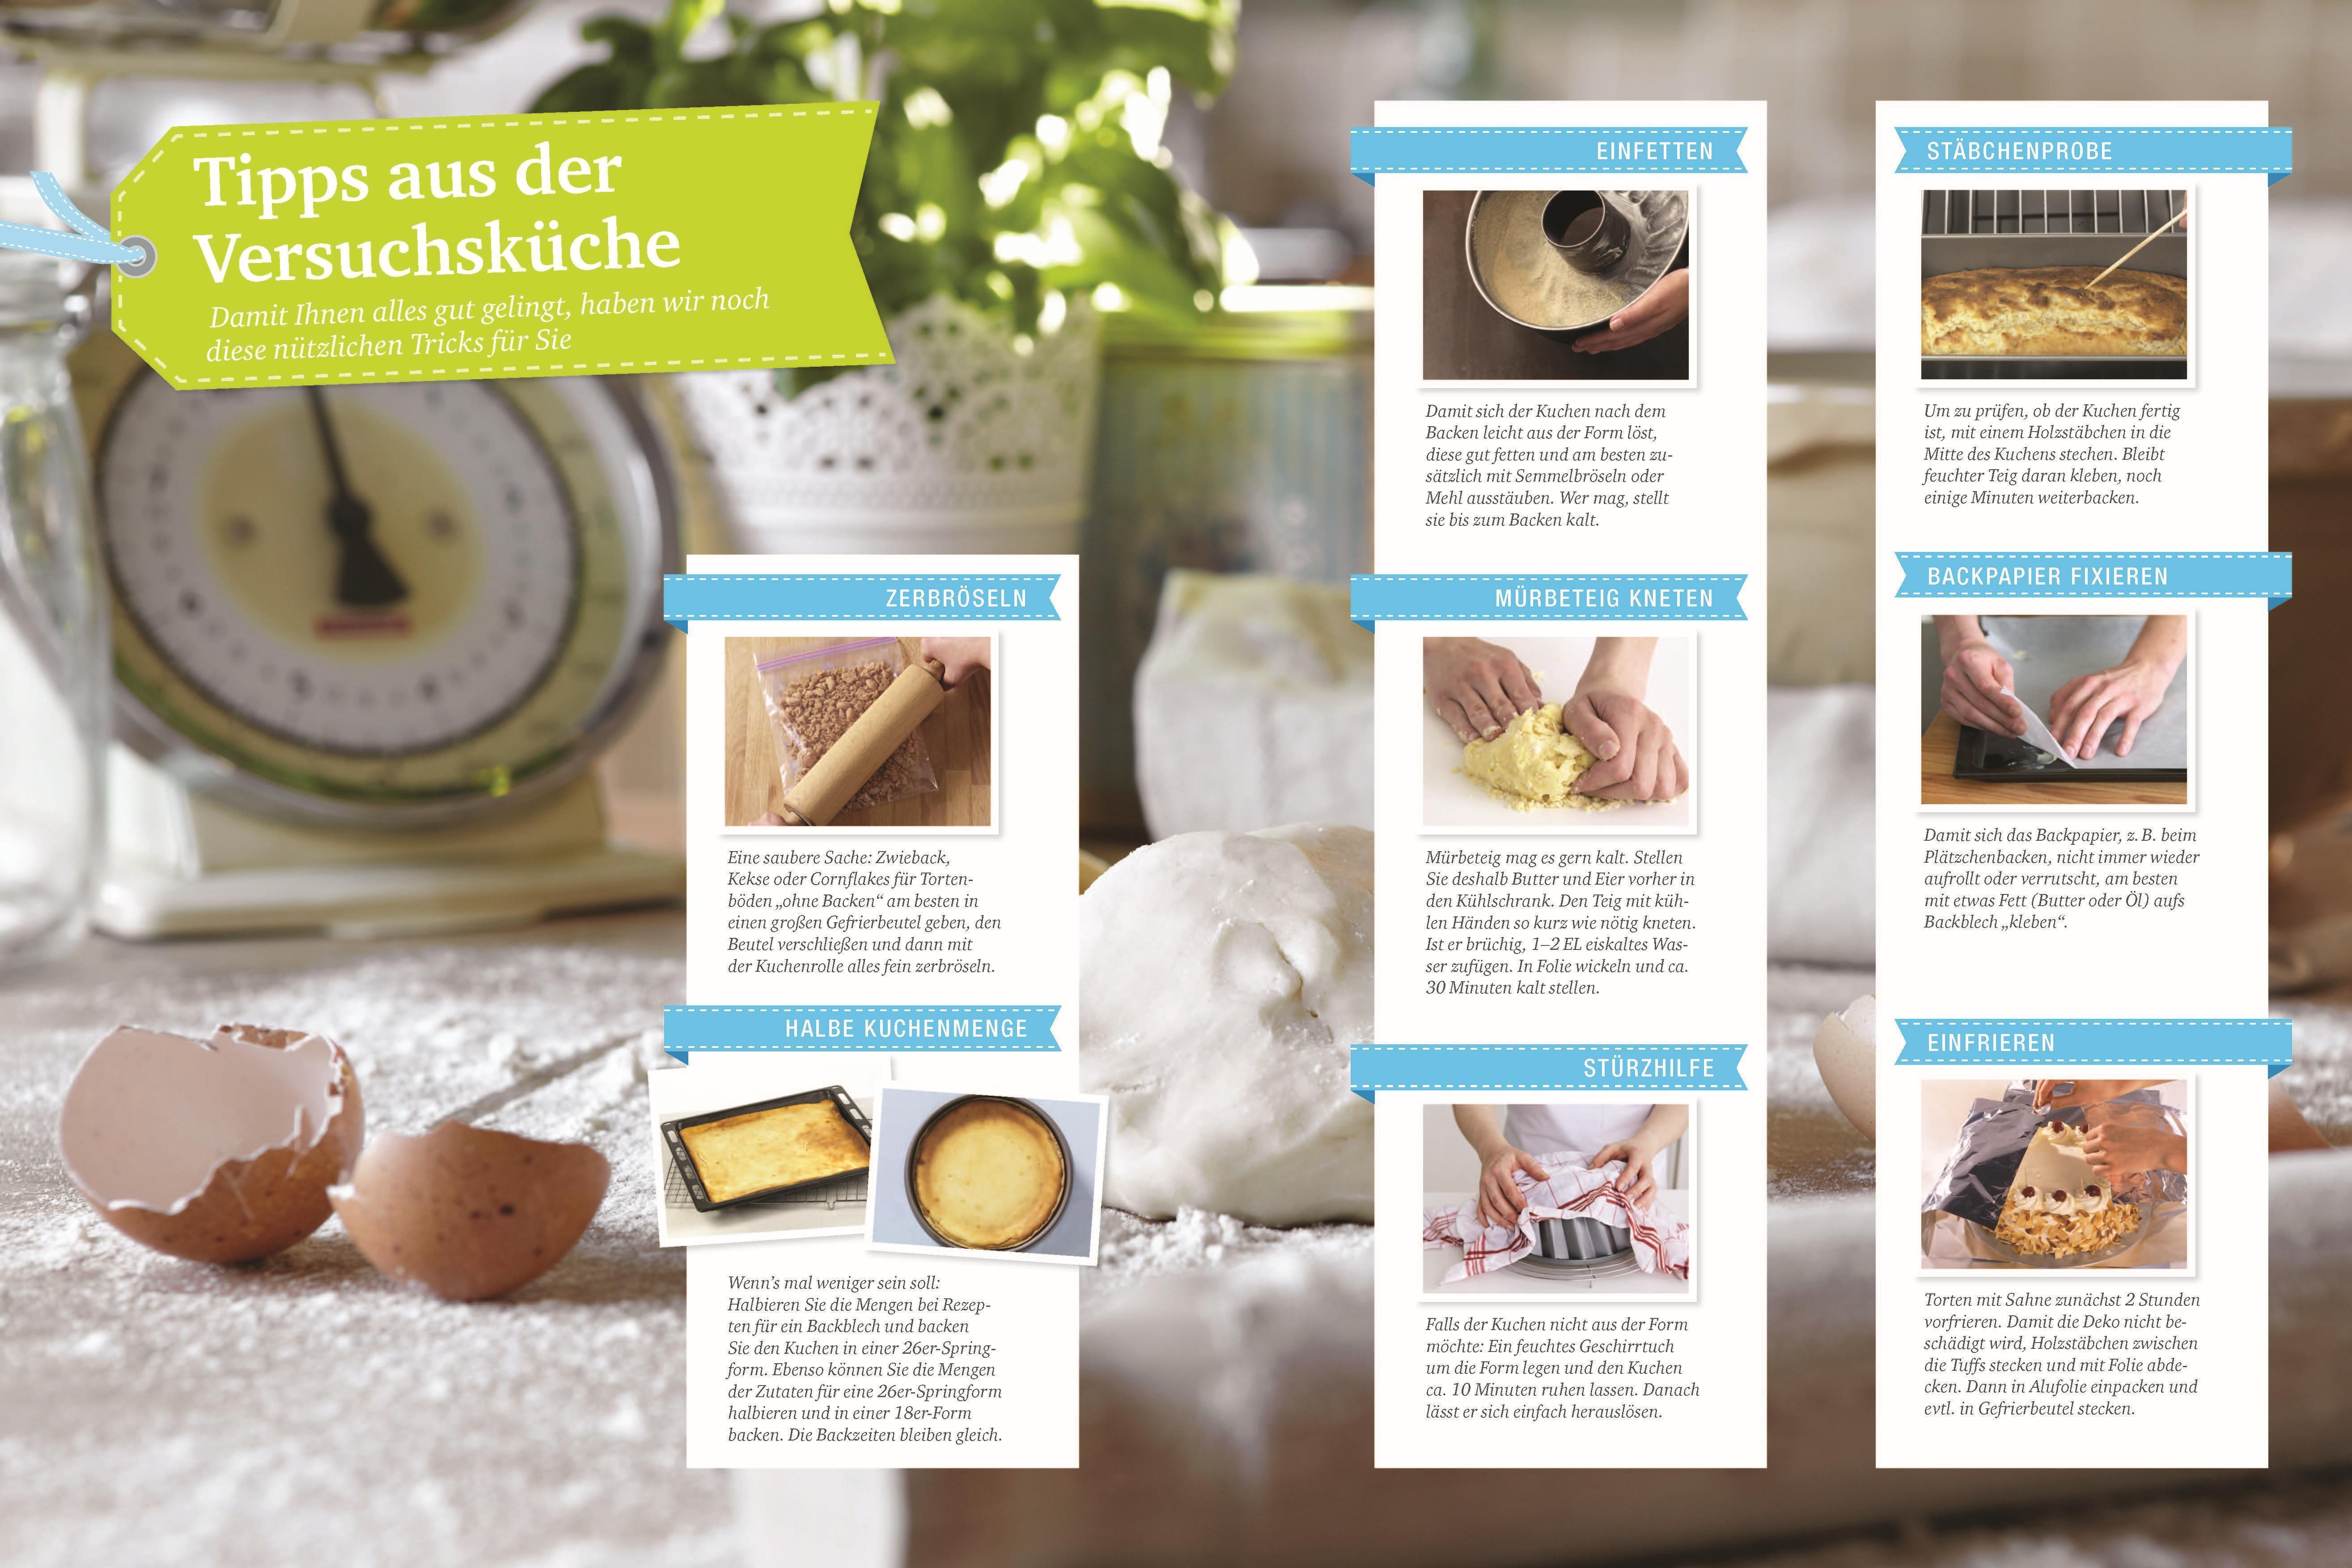 Sommerküche Moewig : Kochen & genießen neue party hits: amazon.de: bücher